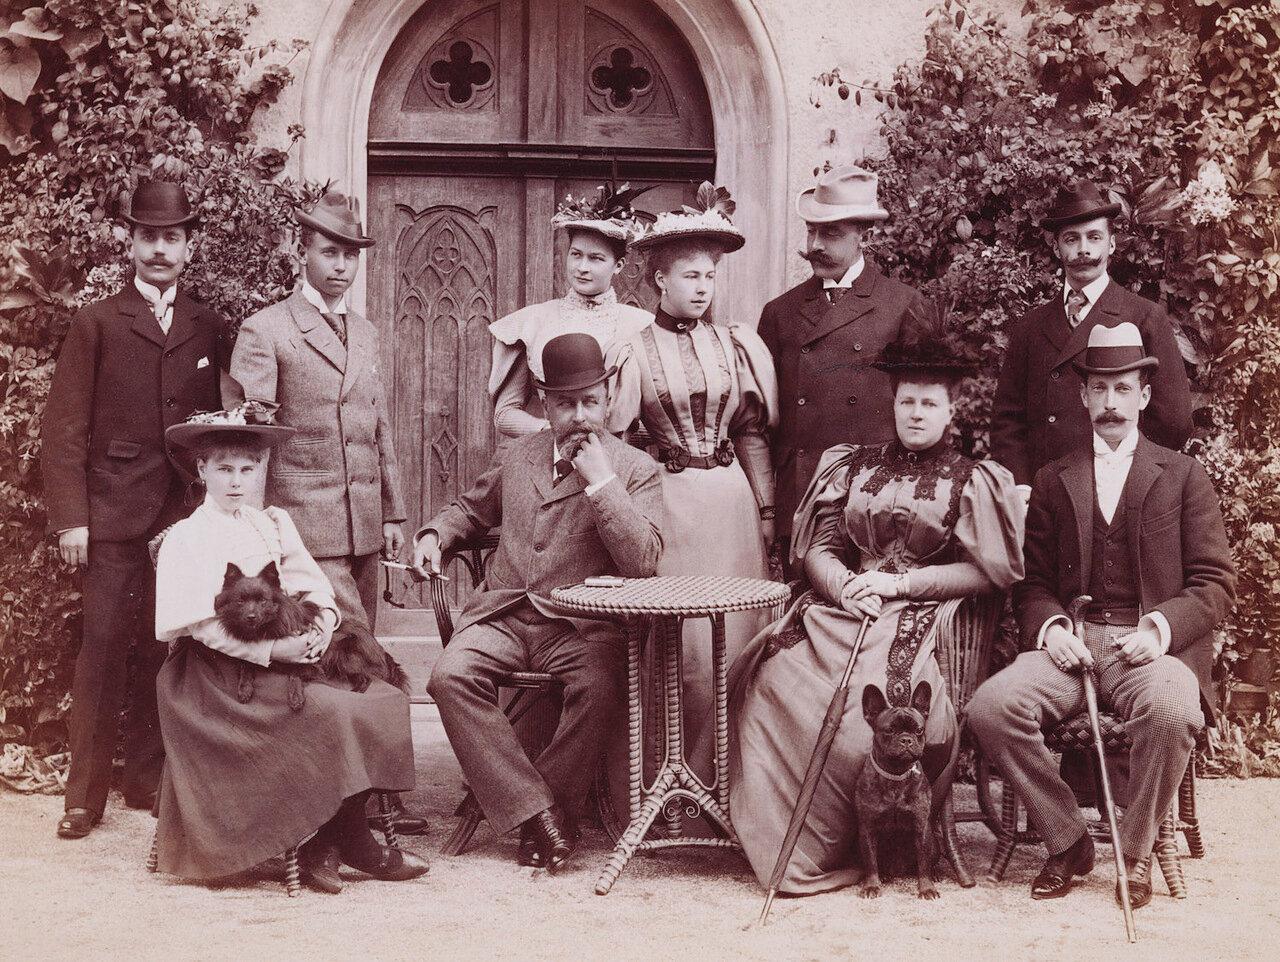 Стоят: принц Альфред, принц Эрнст Гогенлоэ-Ланденбург. Среди сидящих - великий князь Павел Александрович. Апрель 1897 года